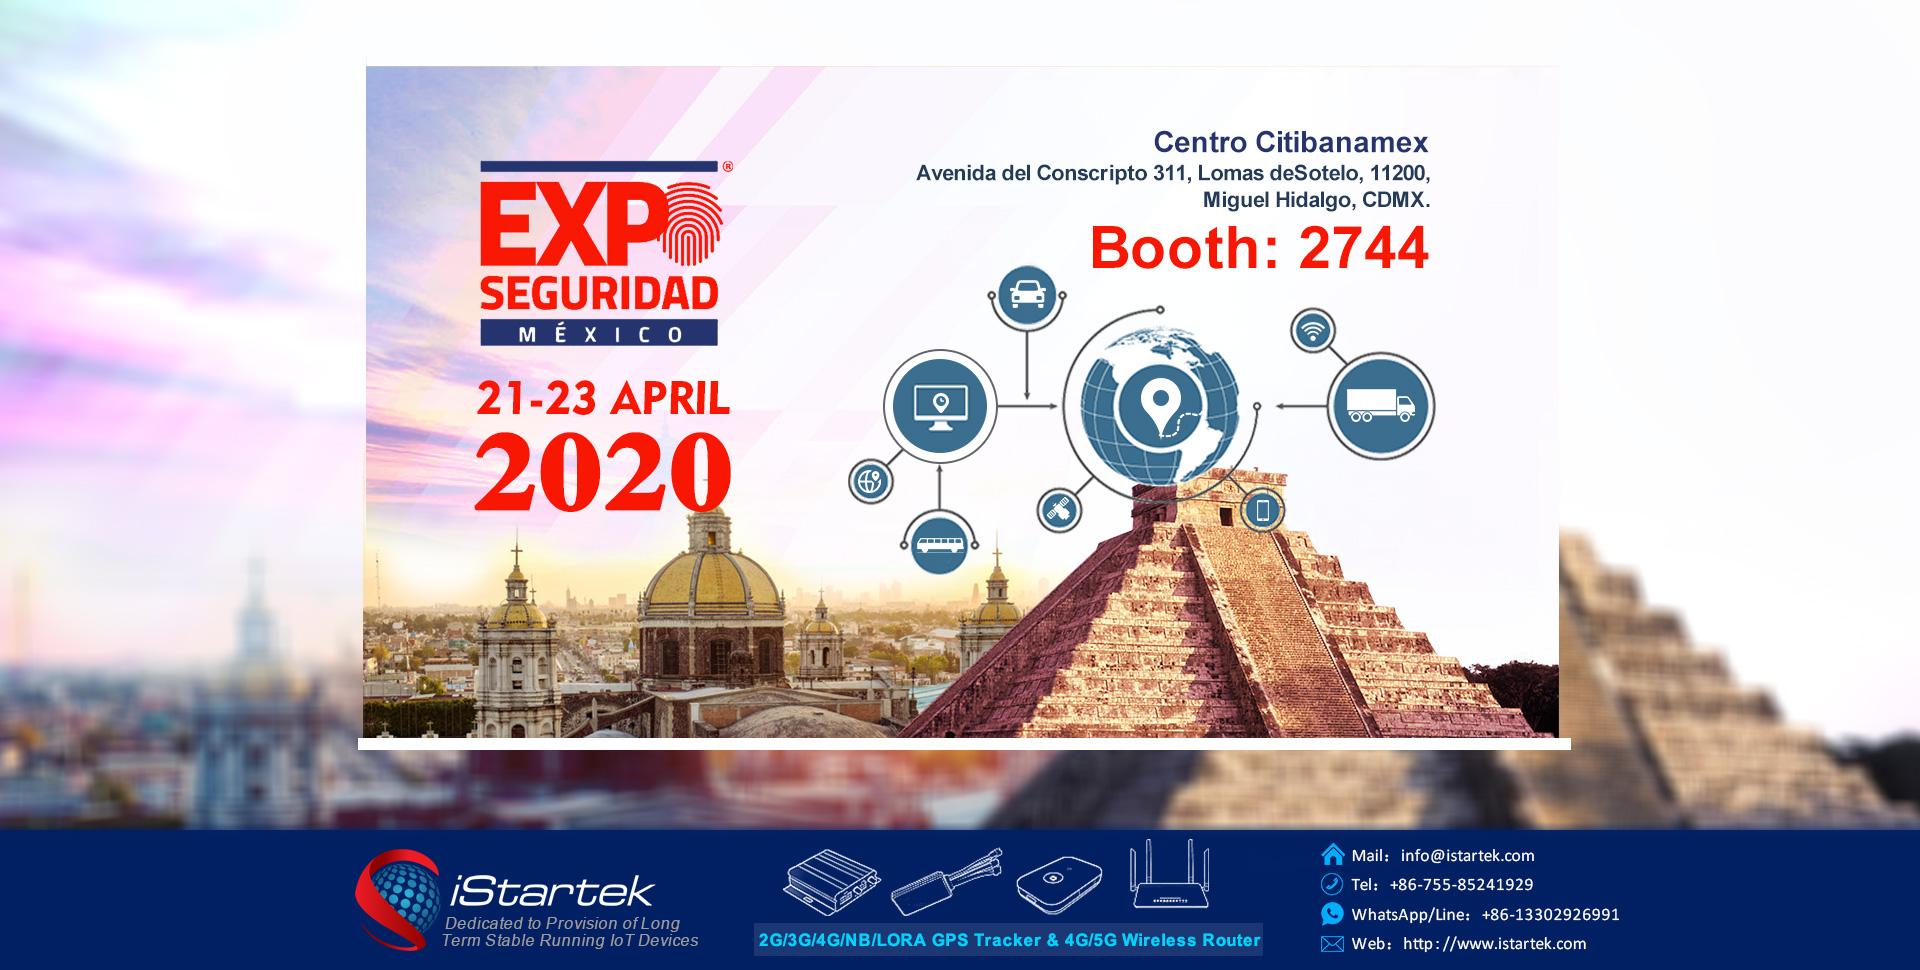 EXPO SEGURIDAD in Mexico